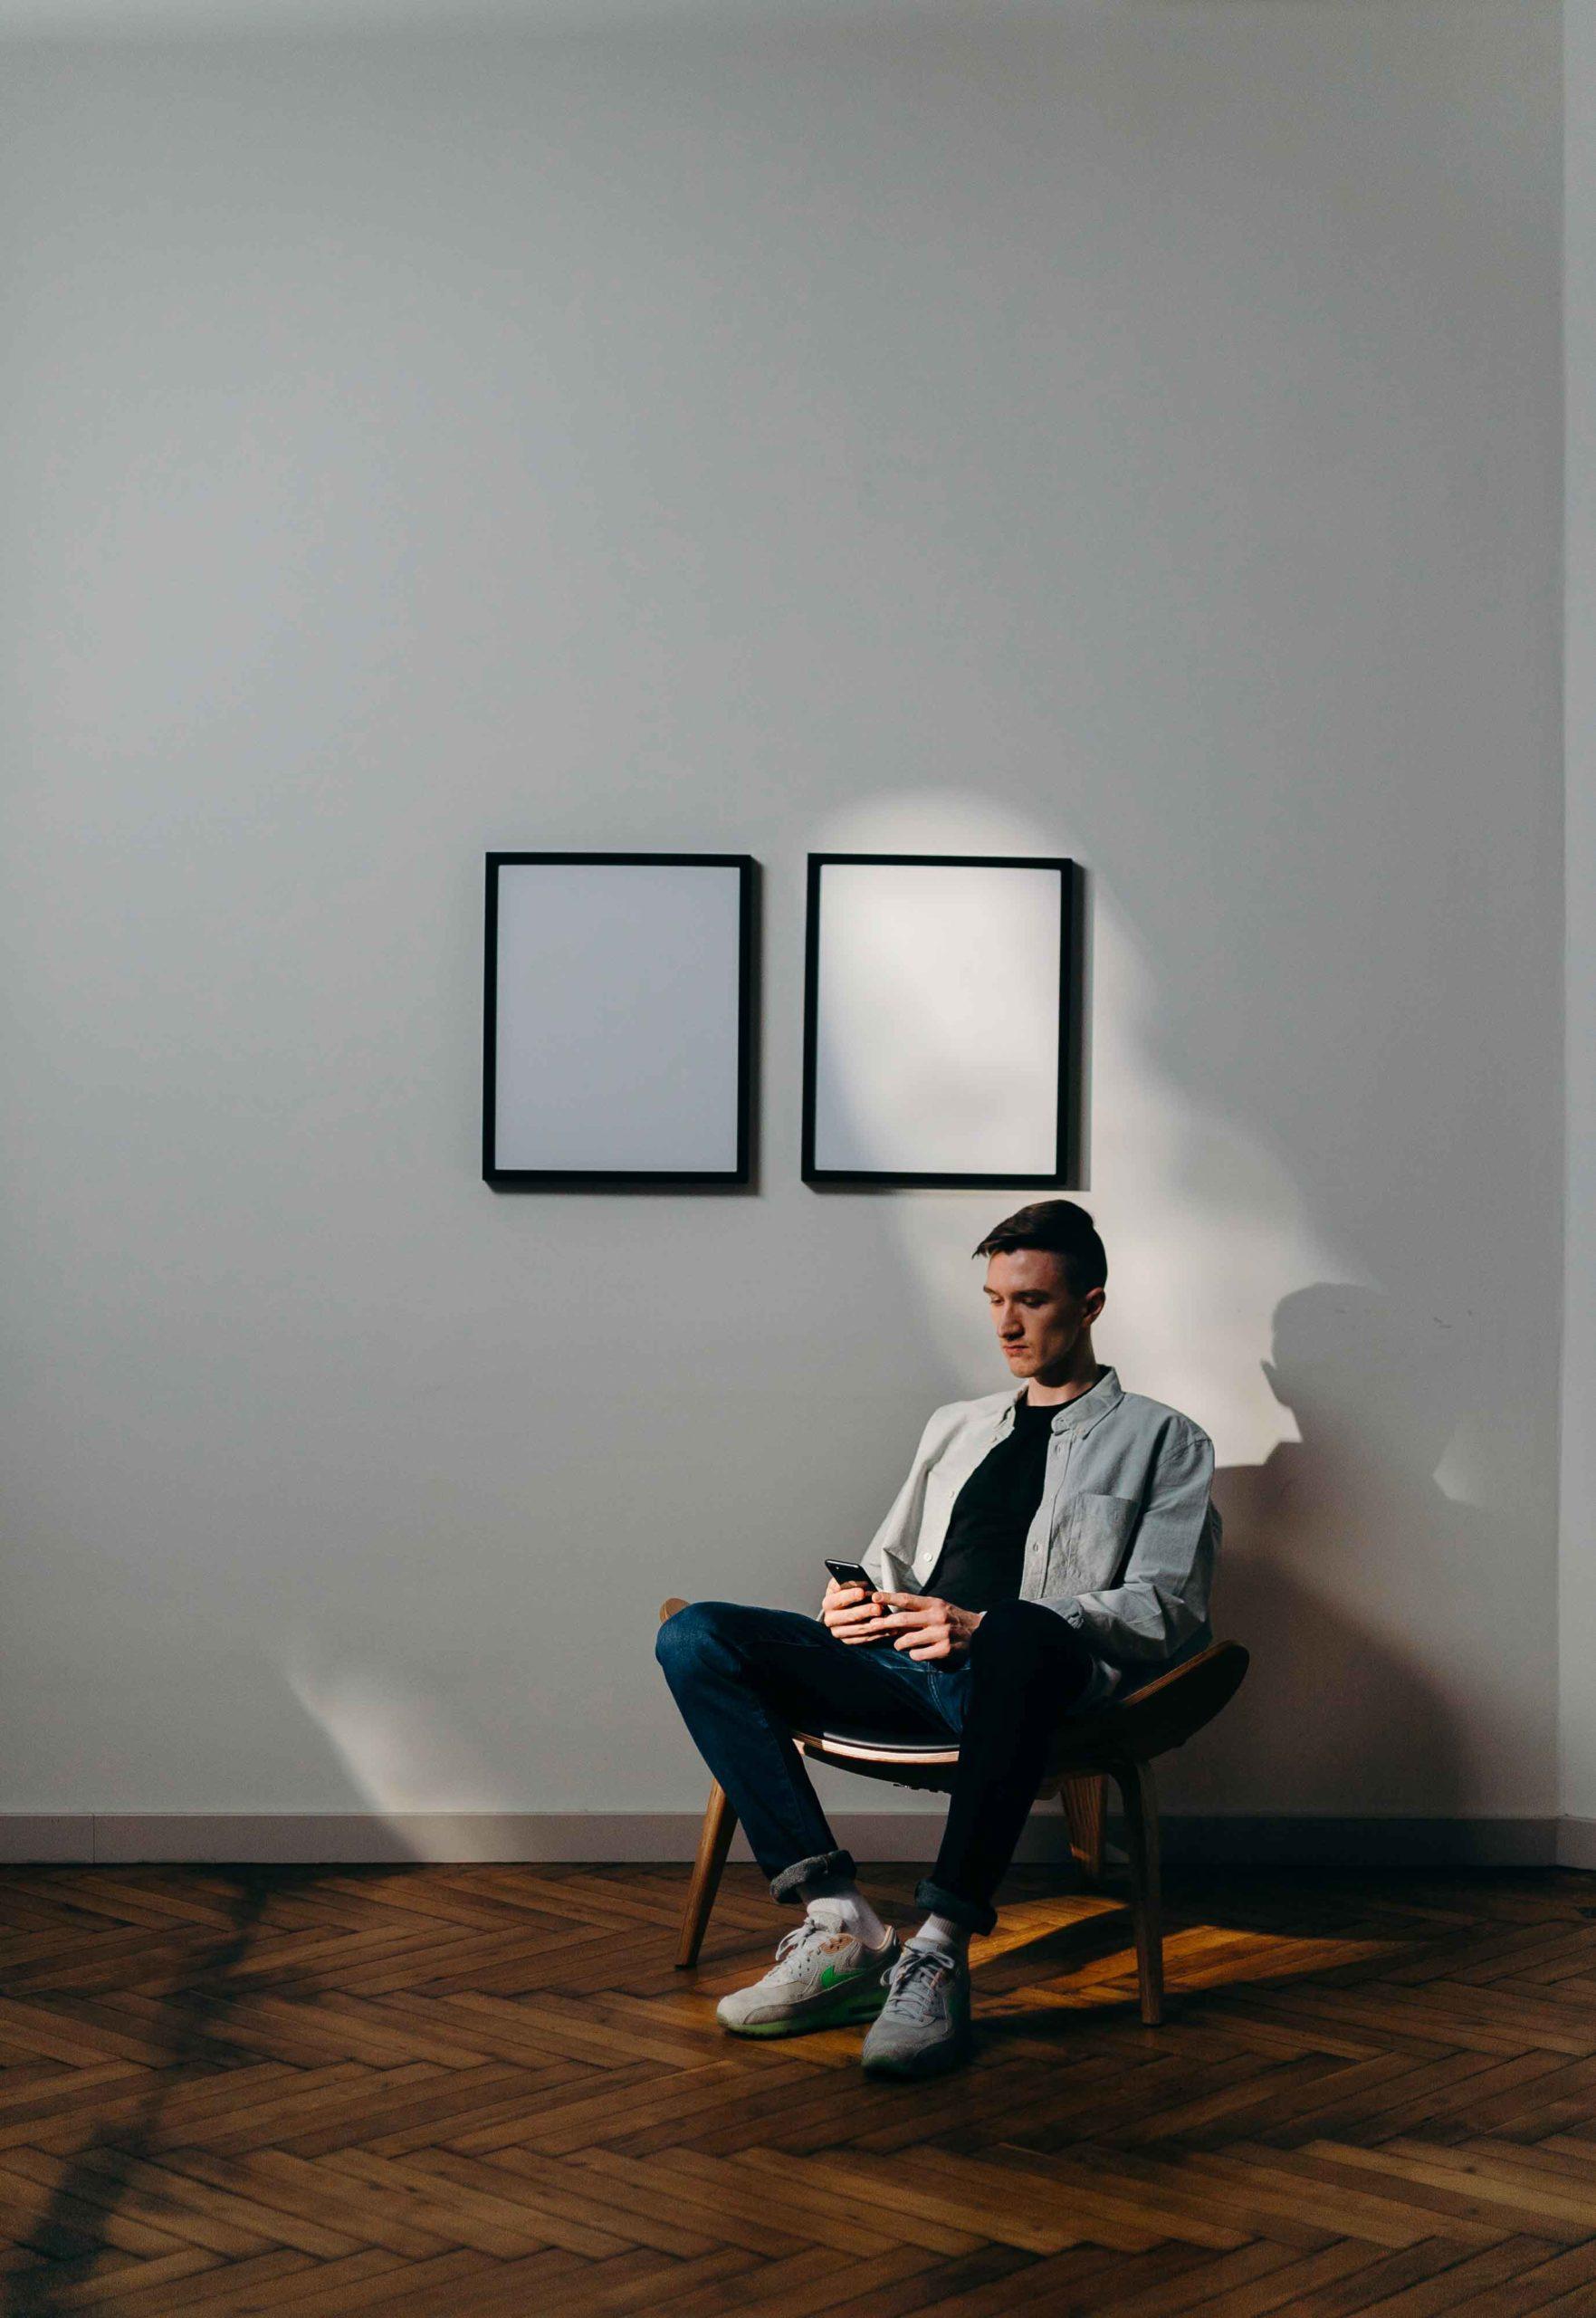 isolement home office télétravail